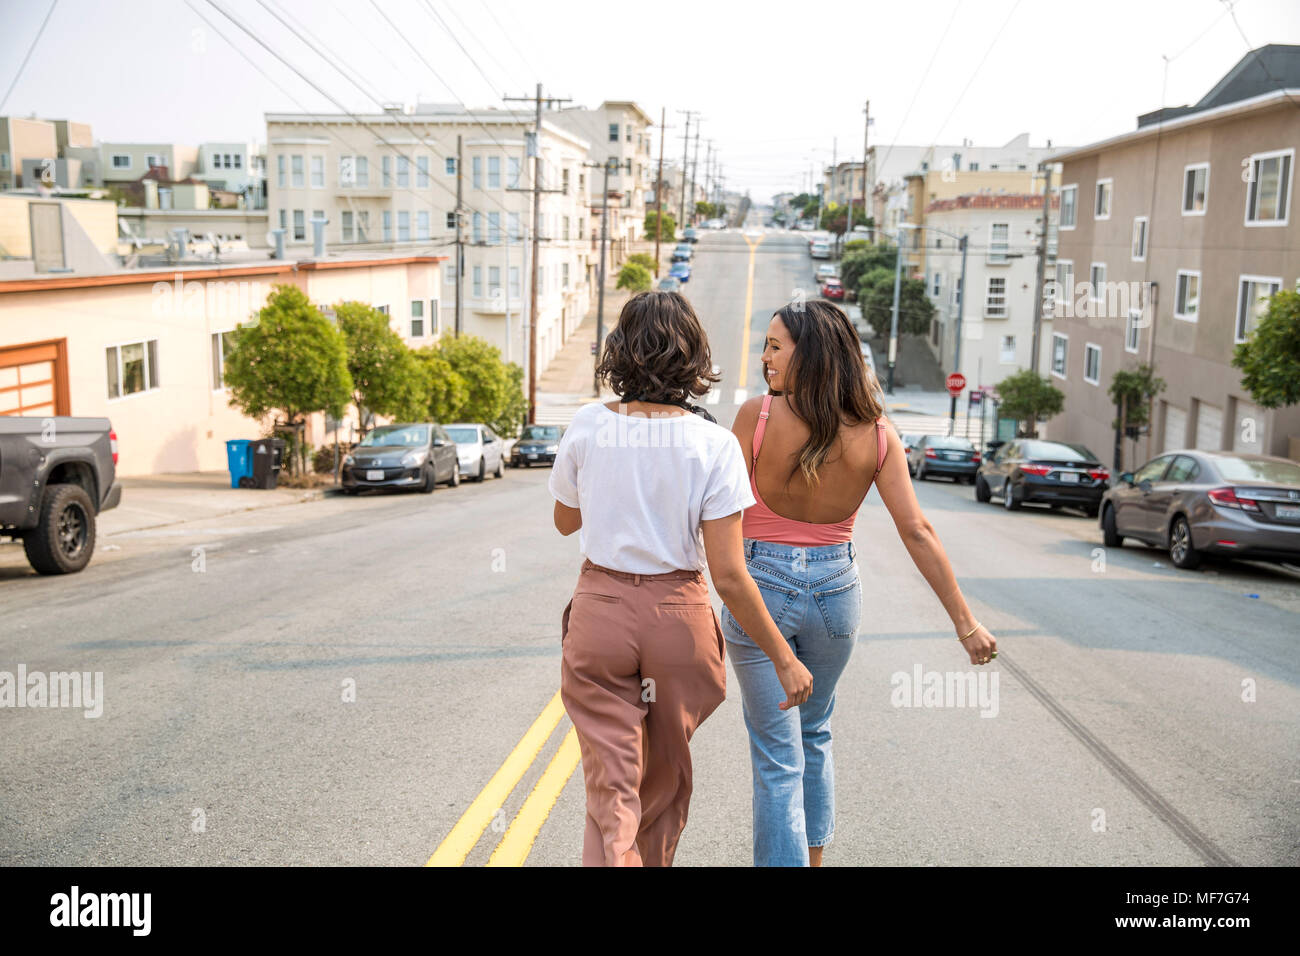 Zwei junge Frauen auf der Straße Stockbild